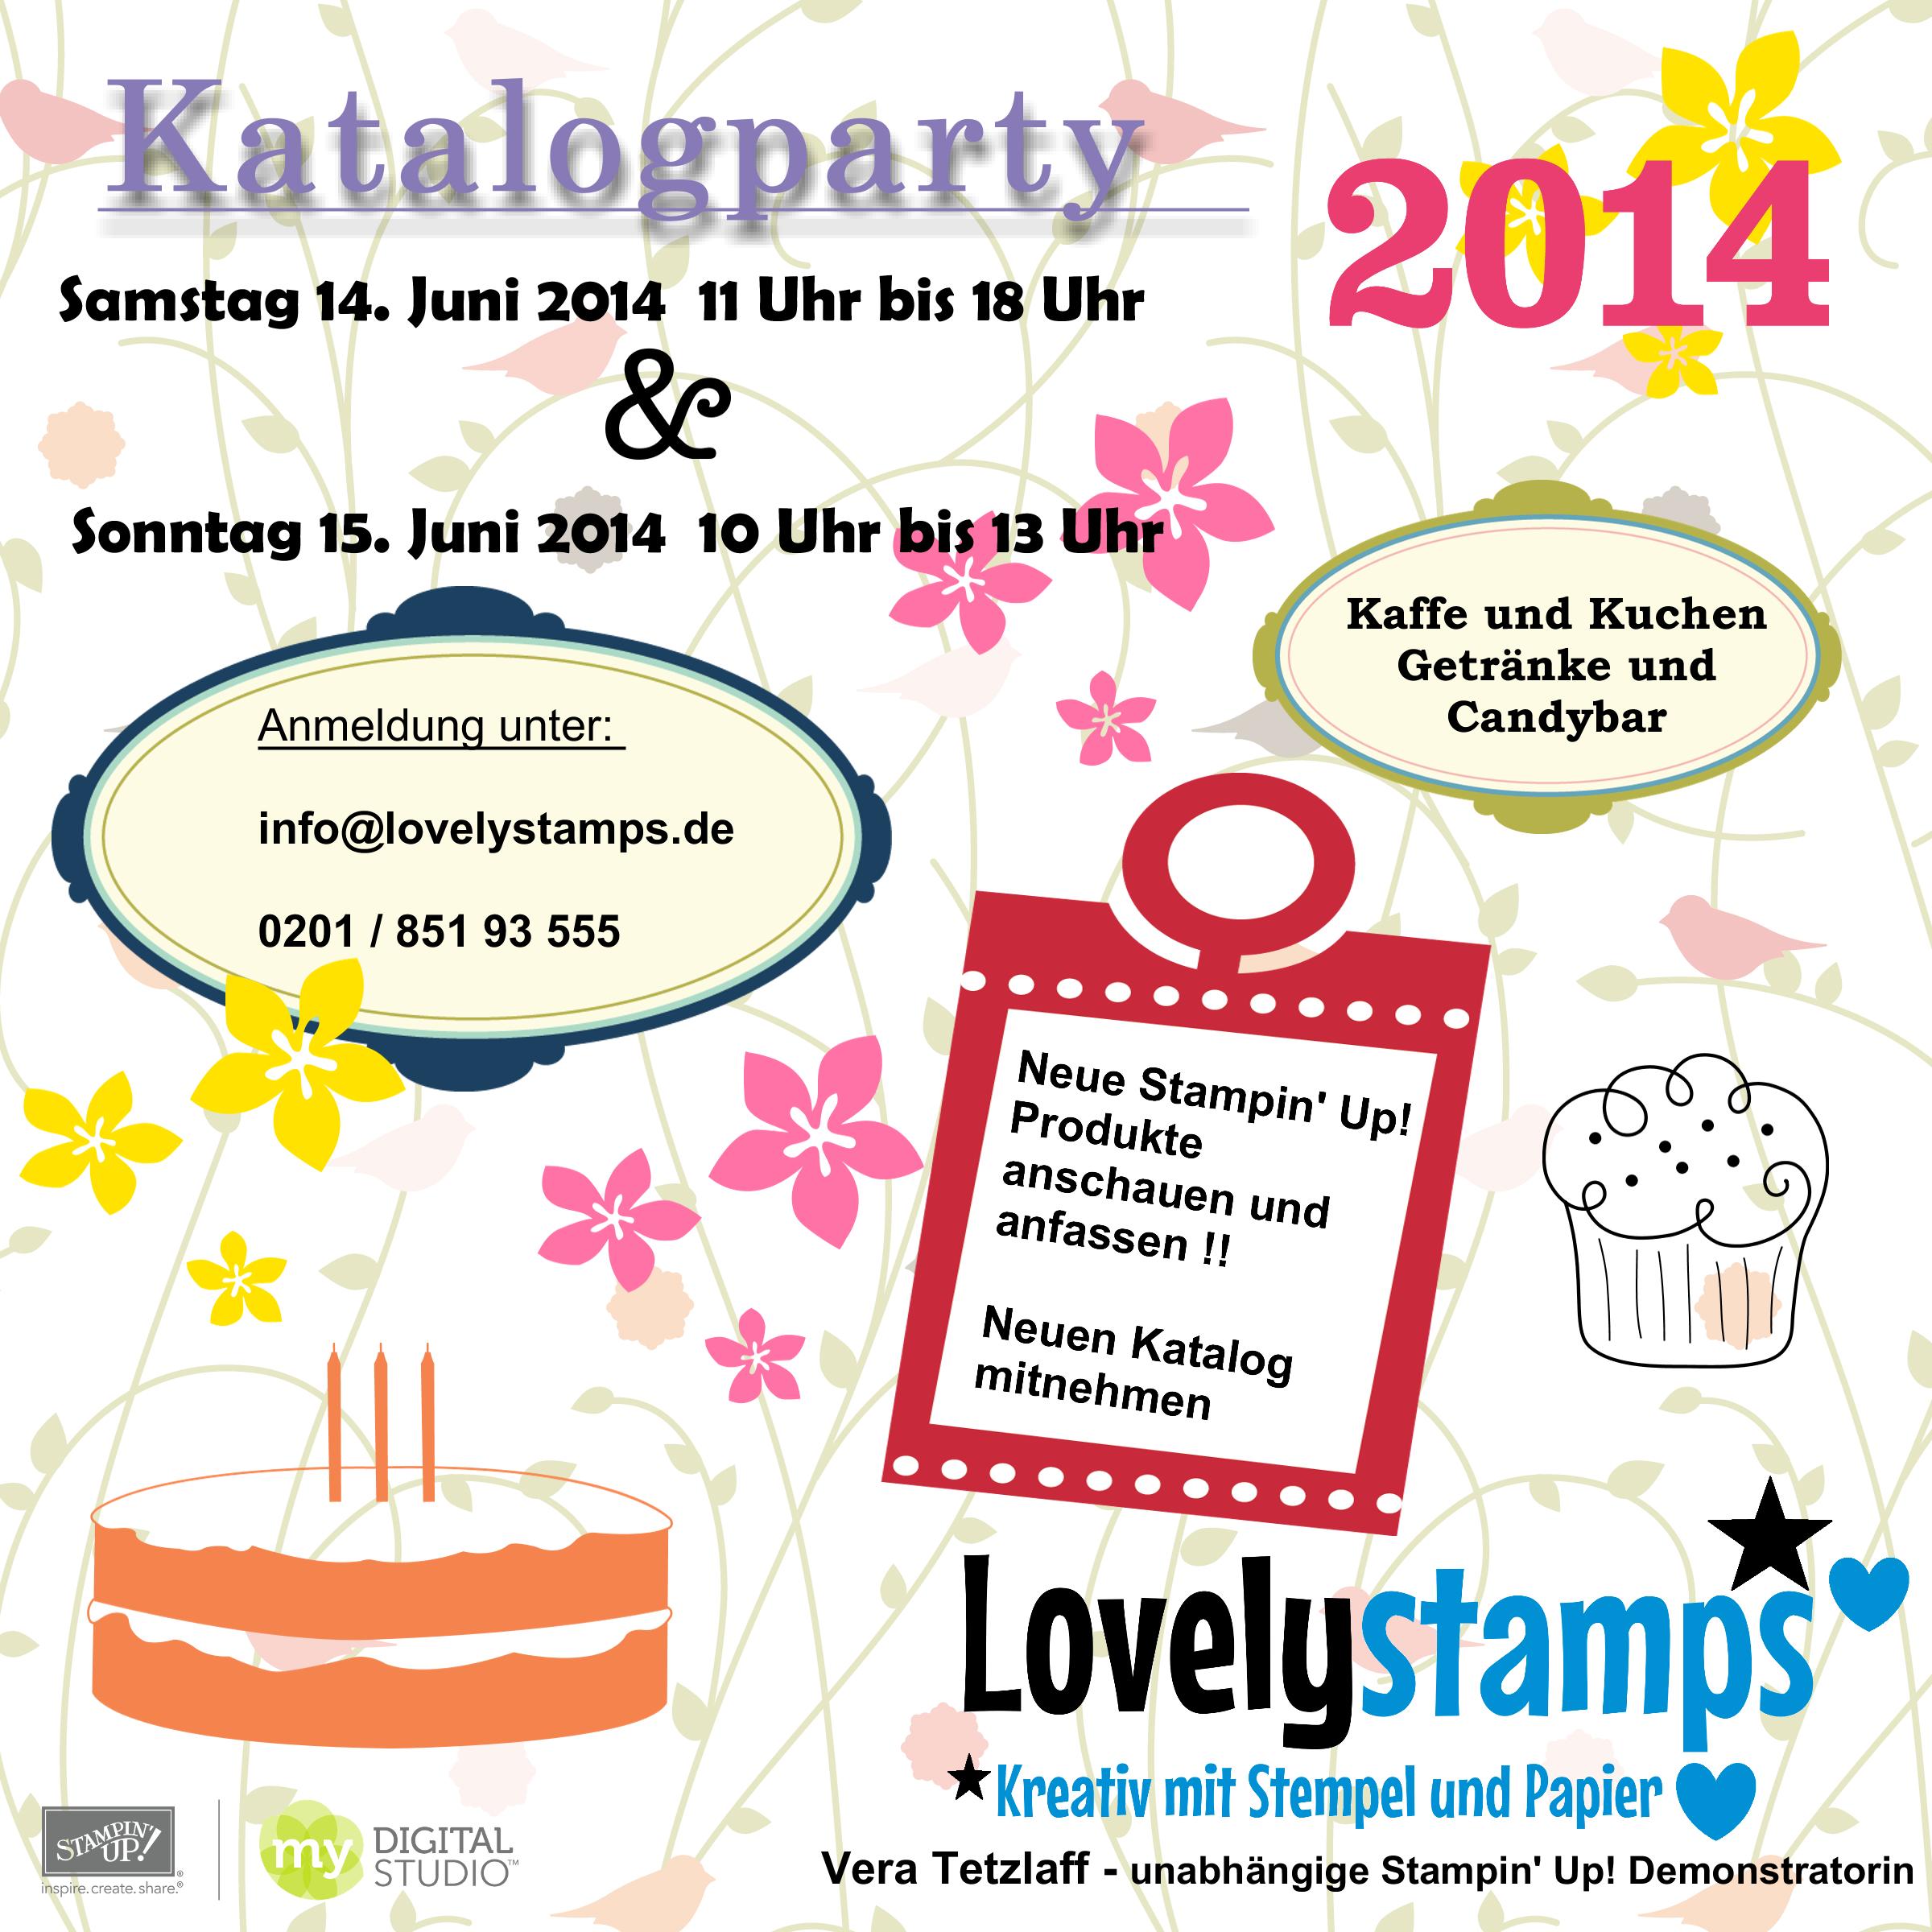 Katalogparty 2014